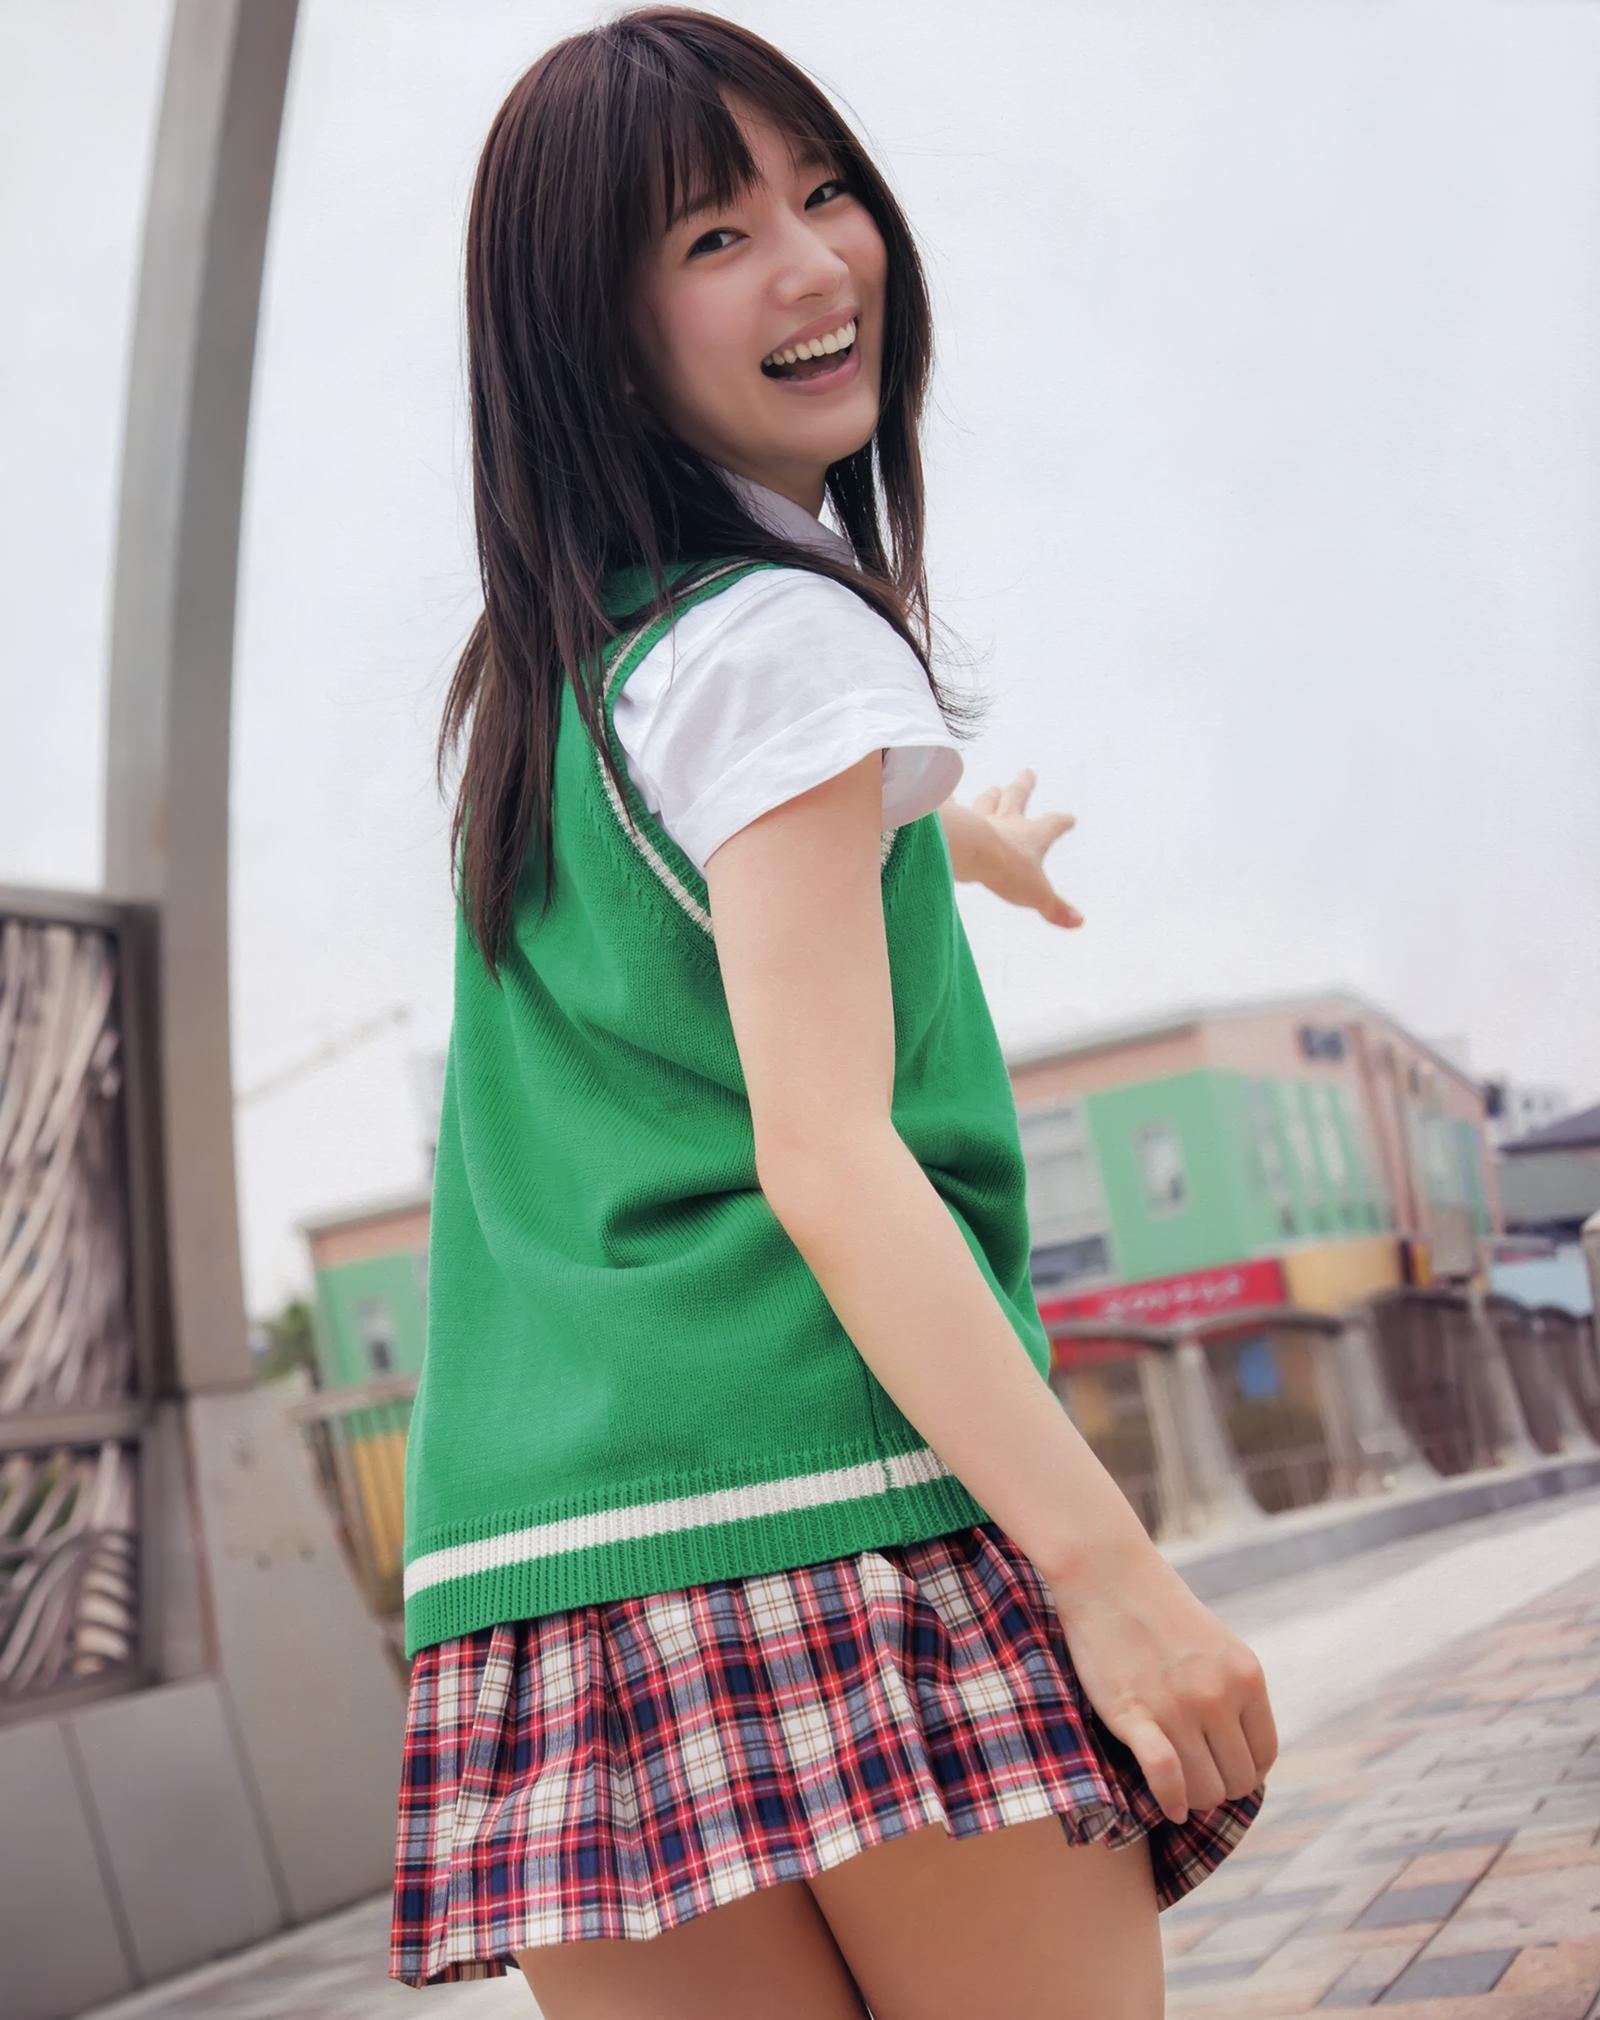 uchida_maaya053.jpg